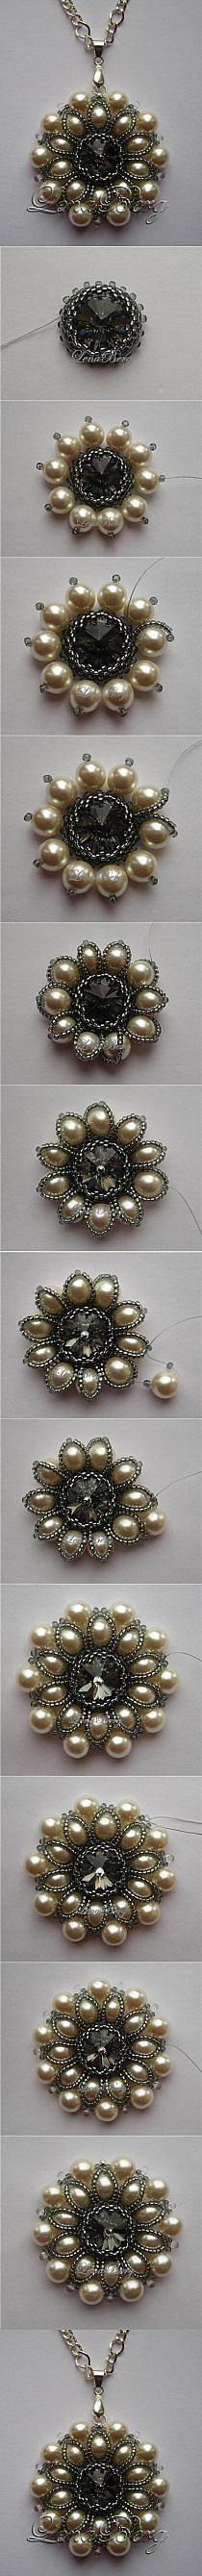 pendente firmato LENA BERG Minta Rivoli da 16 mm - perle 8 mm - delica 11/0 - rocaille 15/0 e 11/0 - dropvedi i colori del pendente uguale firmato LENA BERG